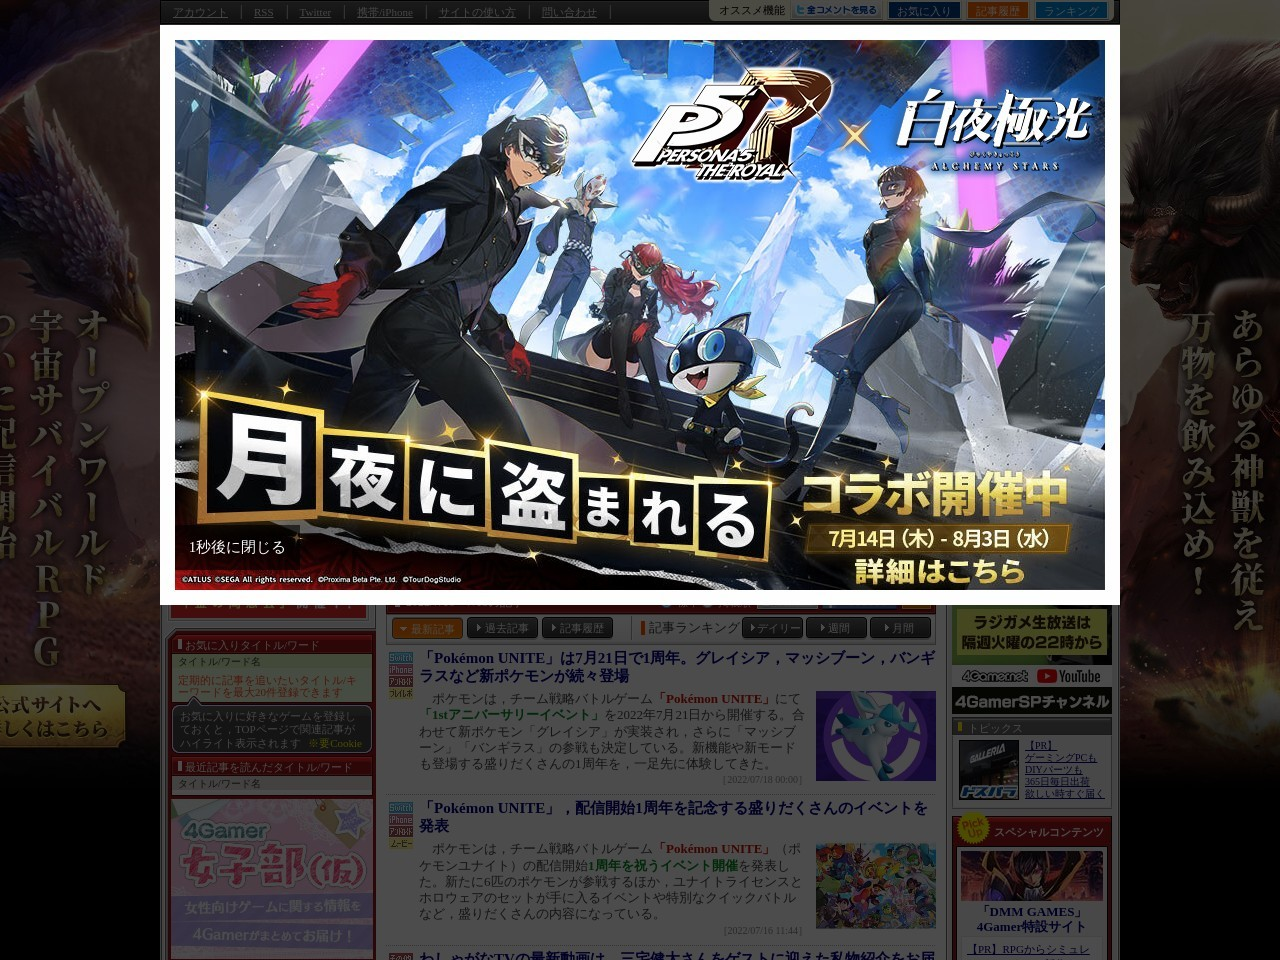 「欅のキセキ」,新イベント「欅坂46 デビュー2周年記念ライブ」が開催中